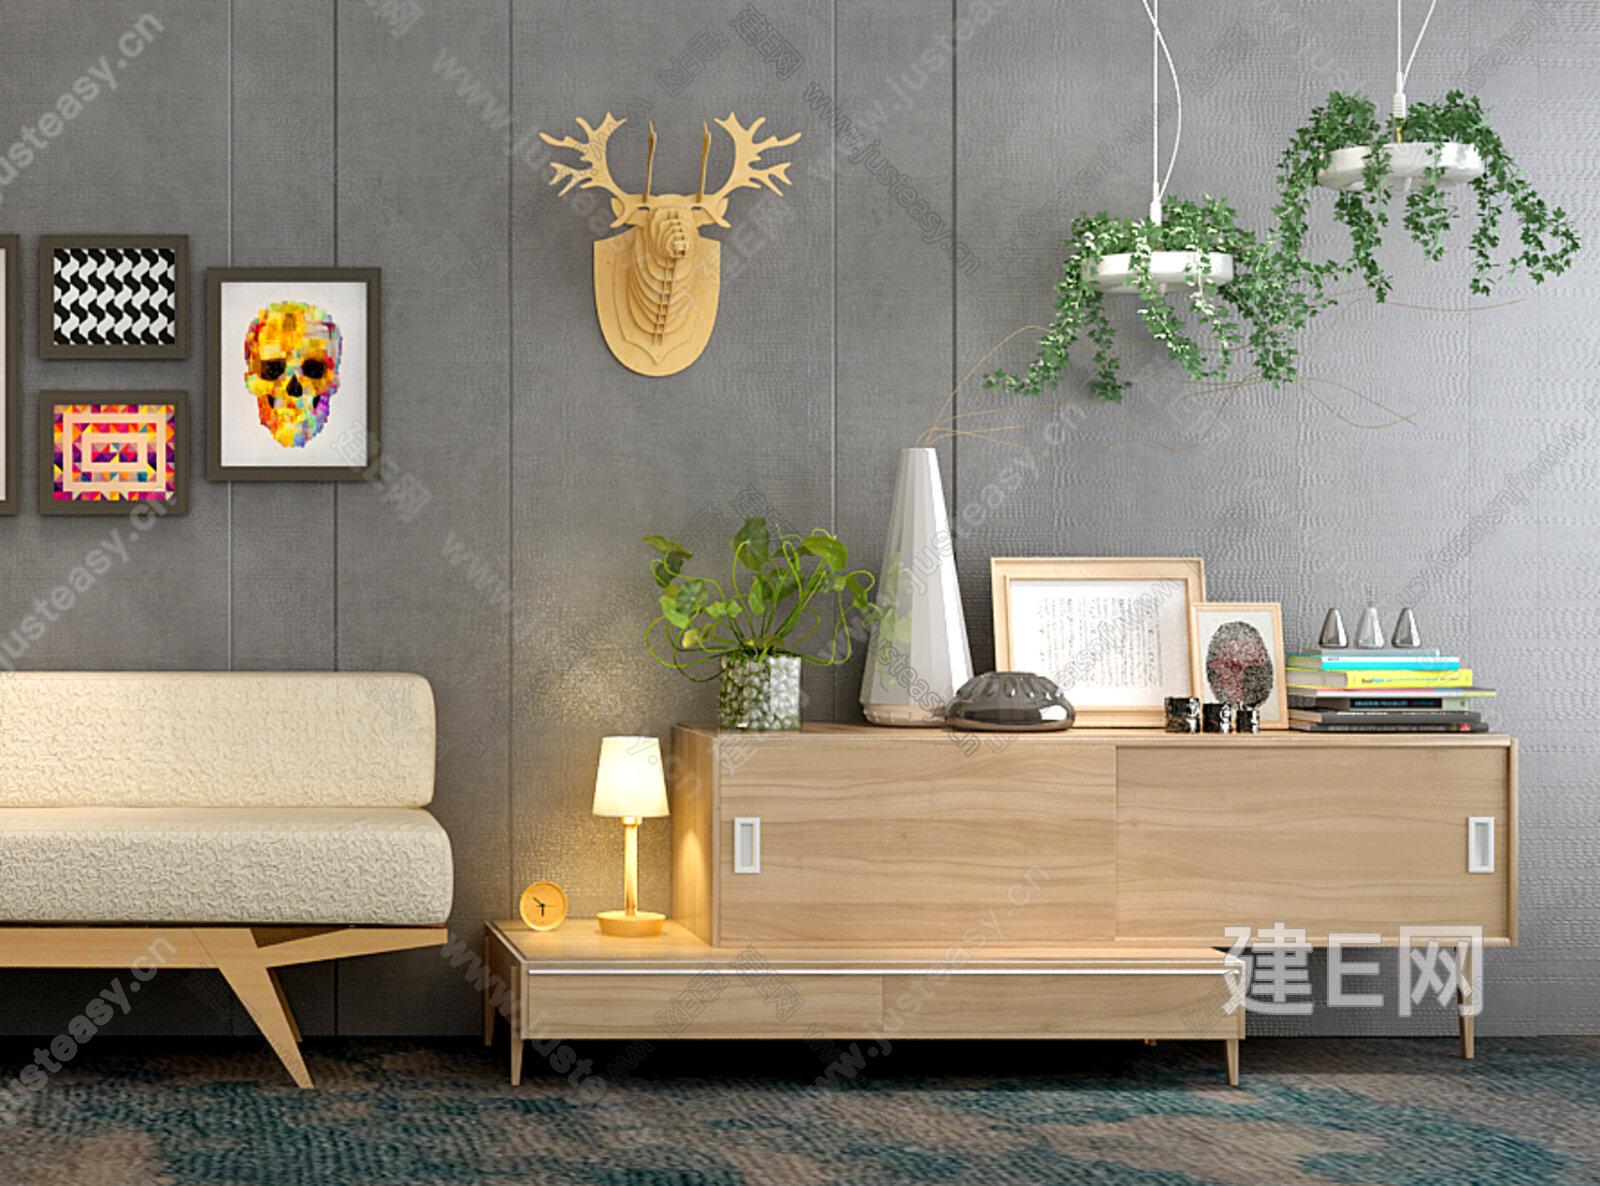 北欧原木沙发柜子灯具组合3d模型下载[id:136211]